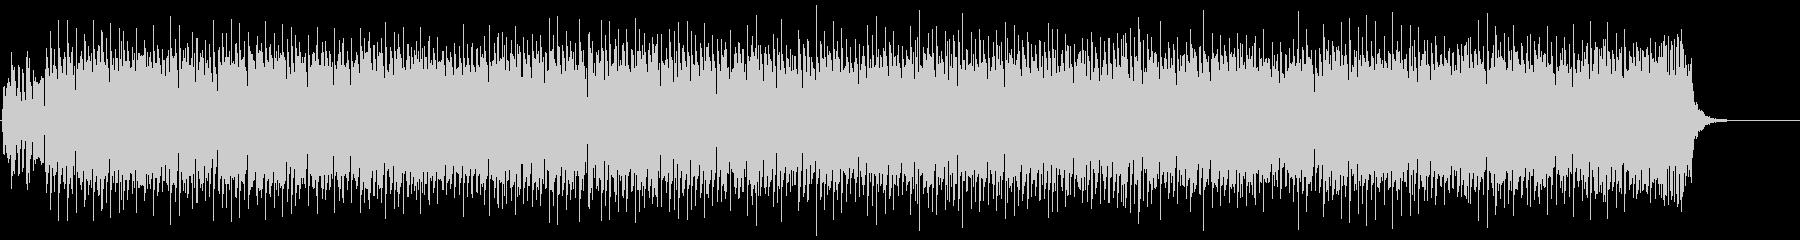 かわいいエンディング用キラキラ曲の未再生の波形